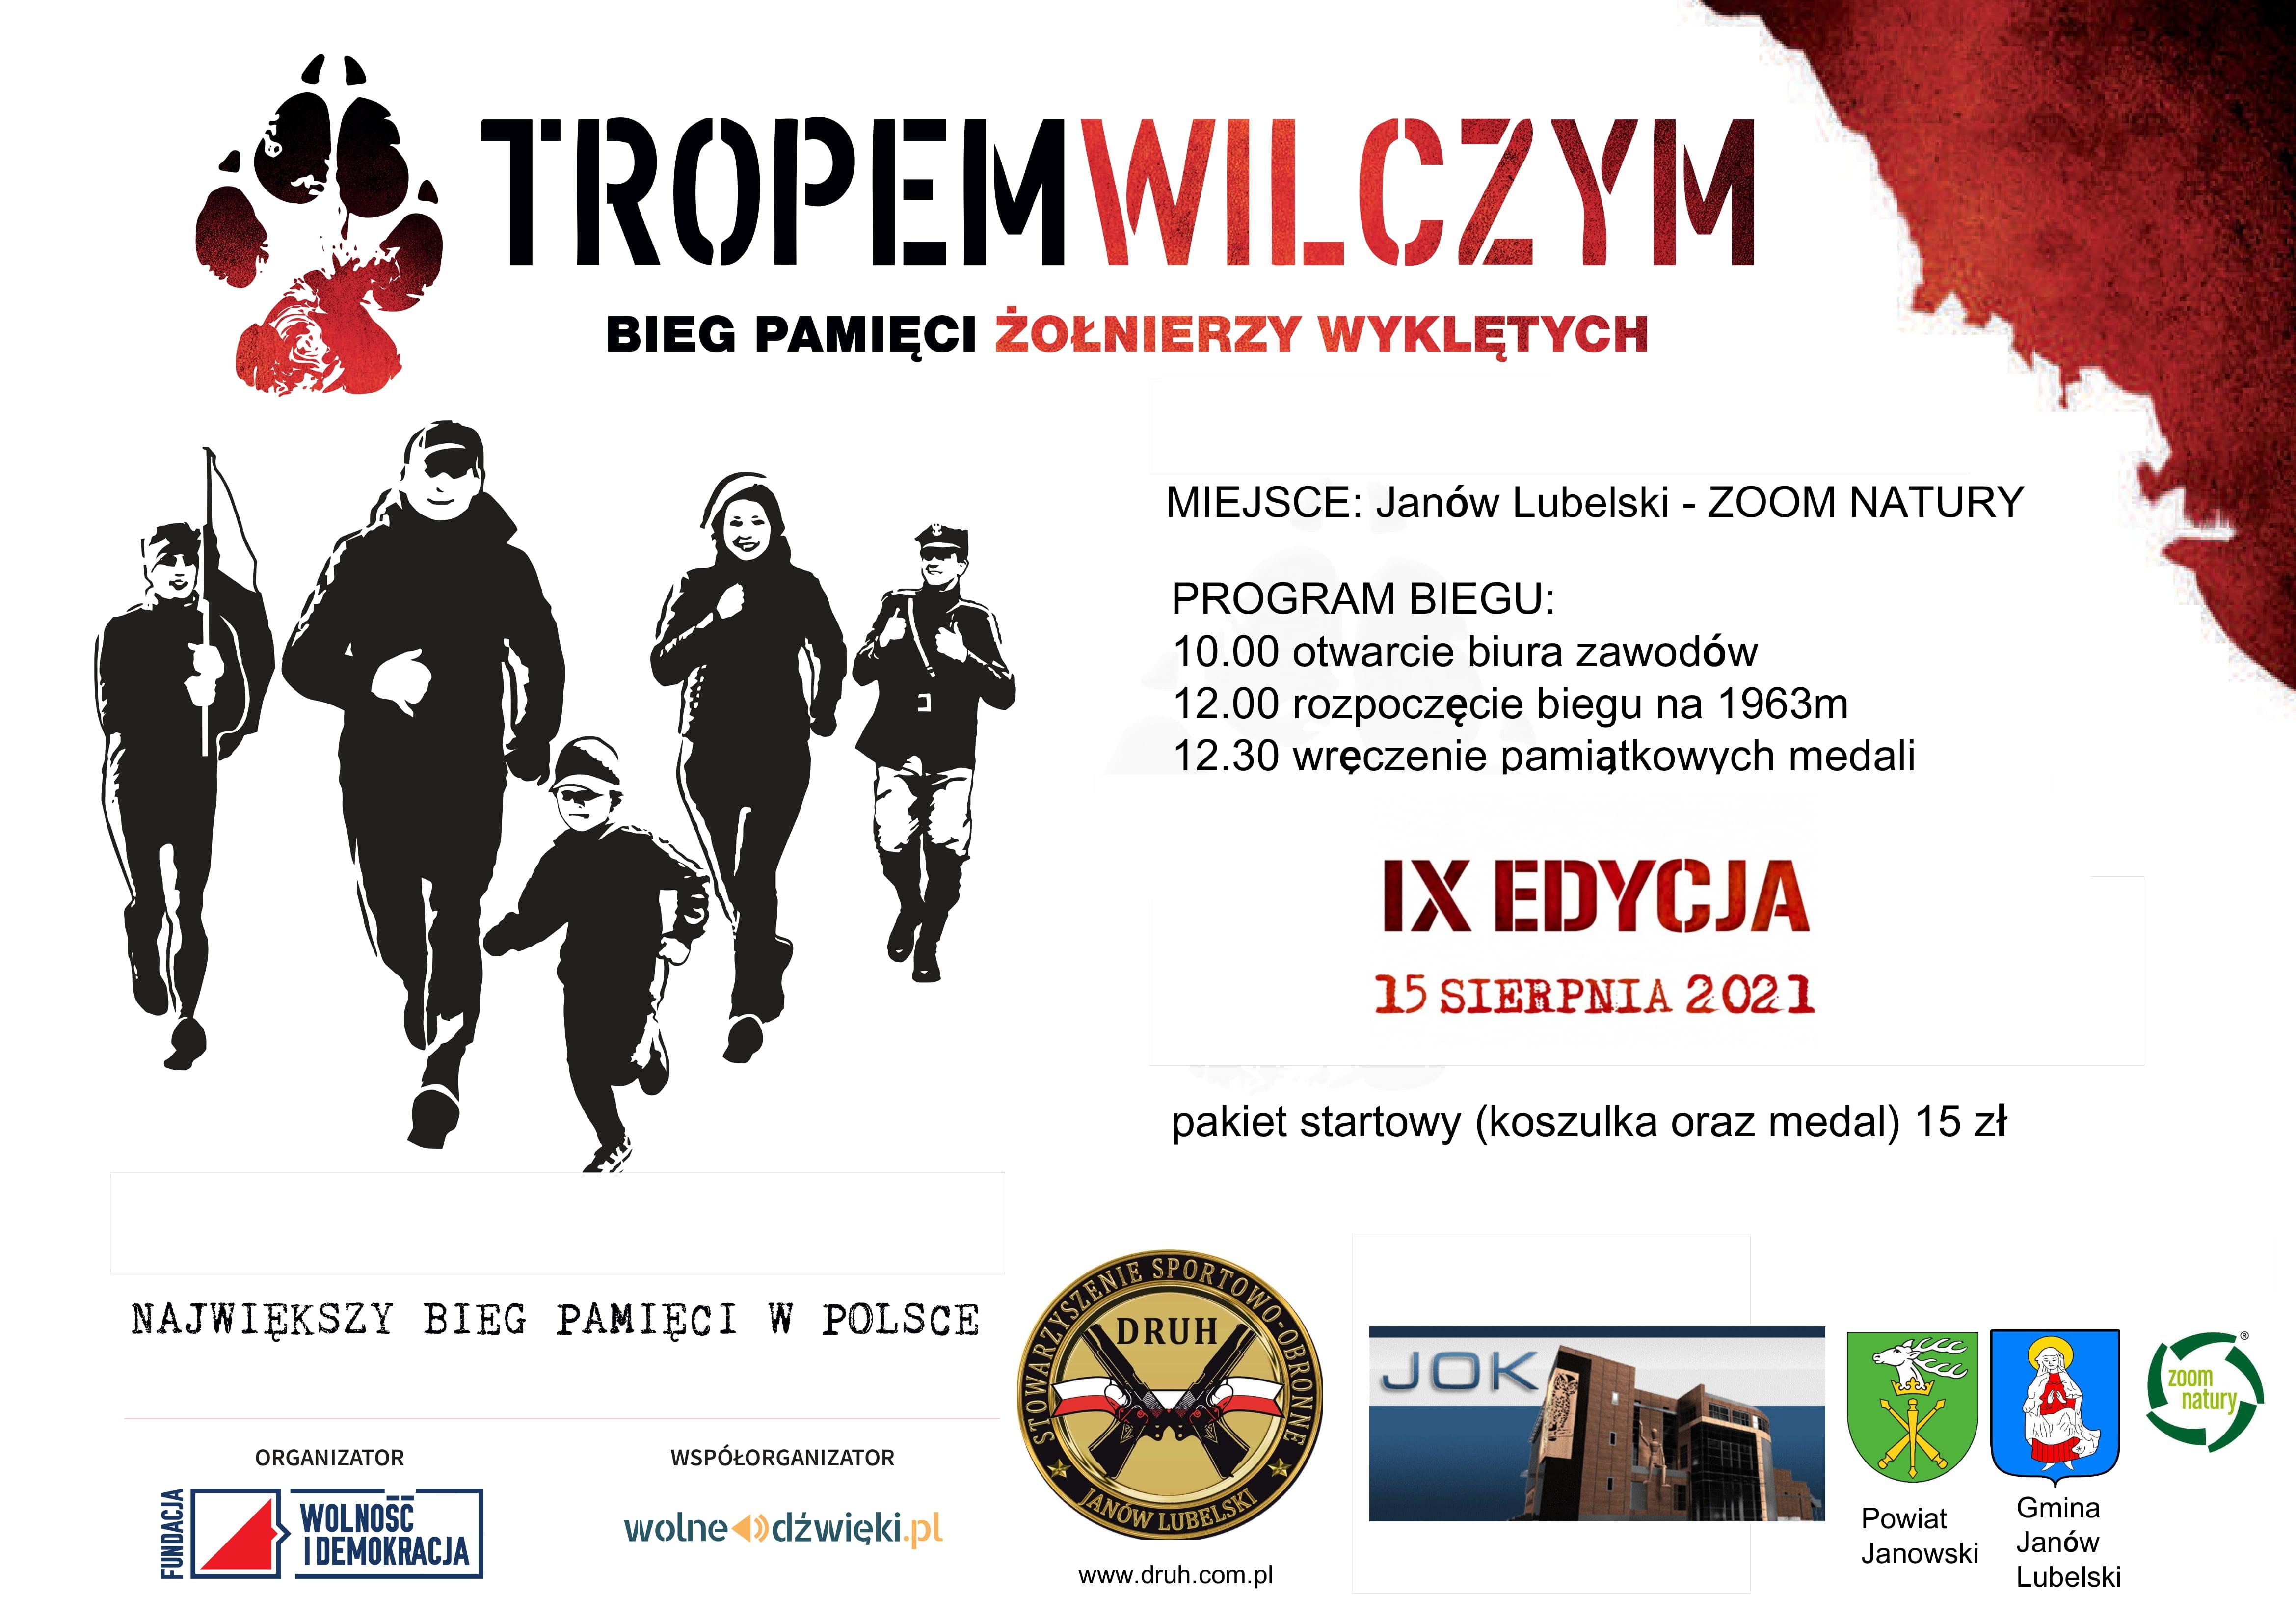 plakat TROPEM WILCZYM-1